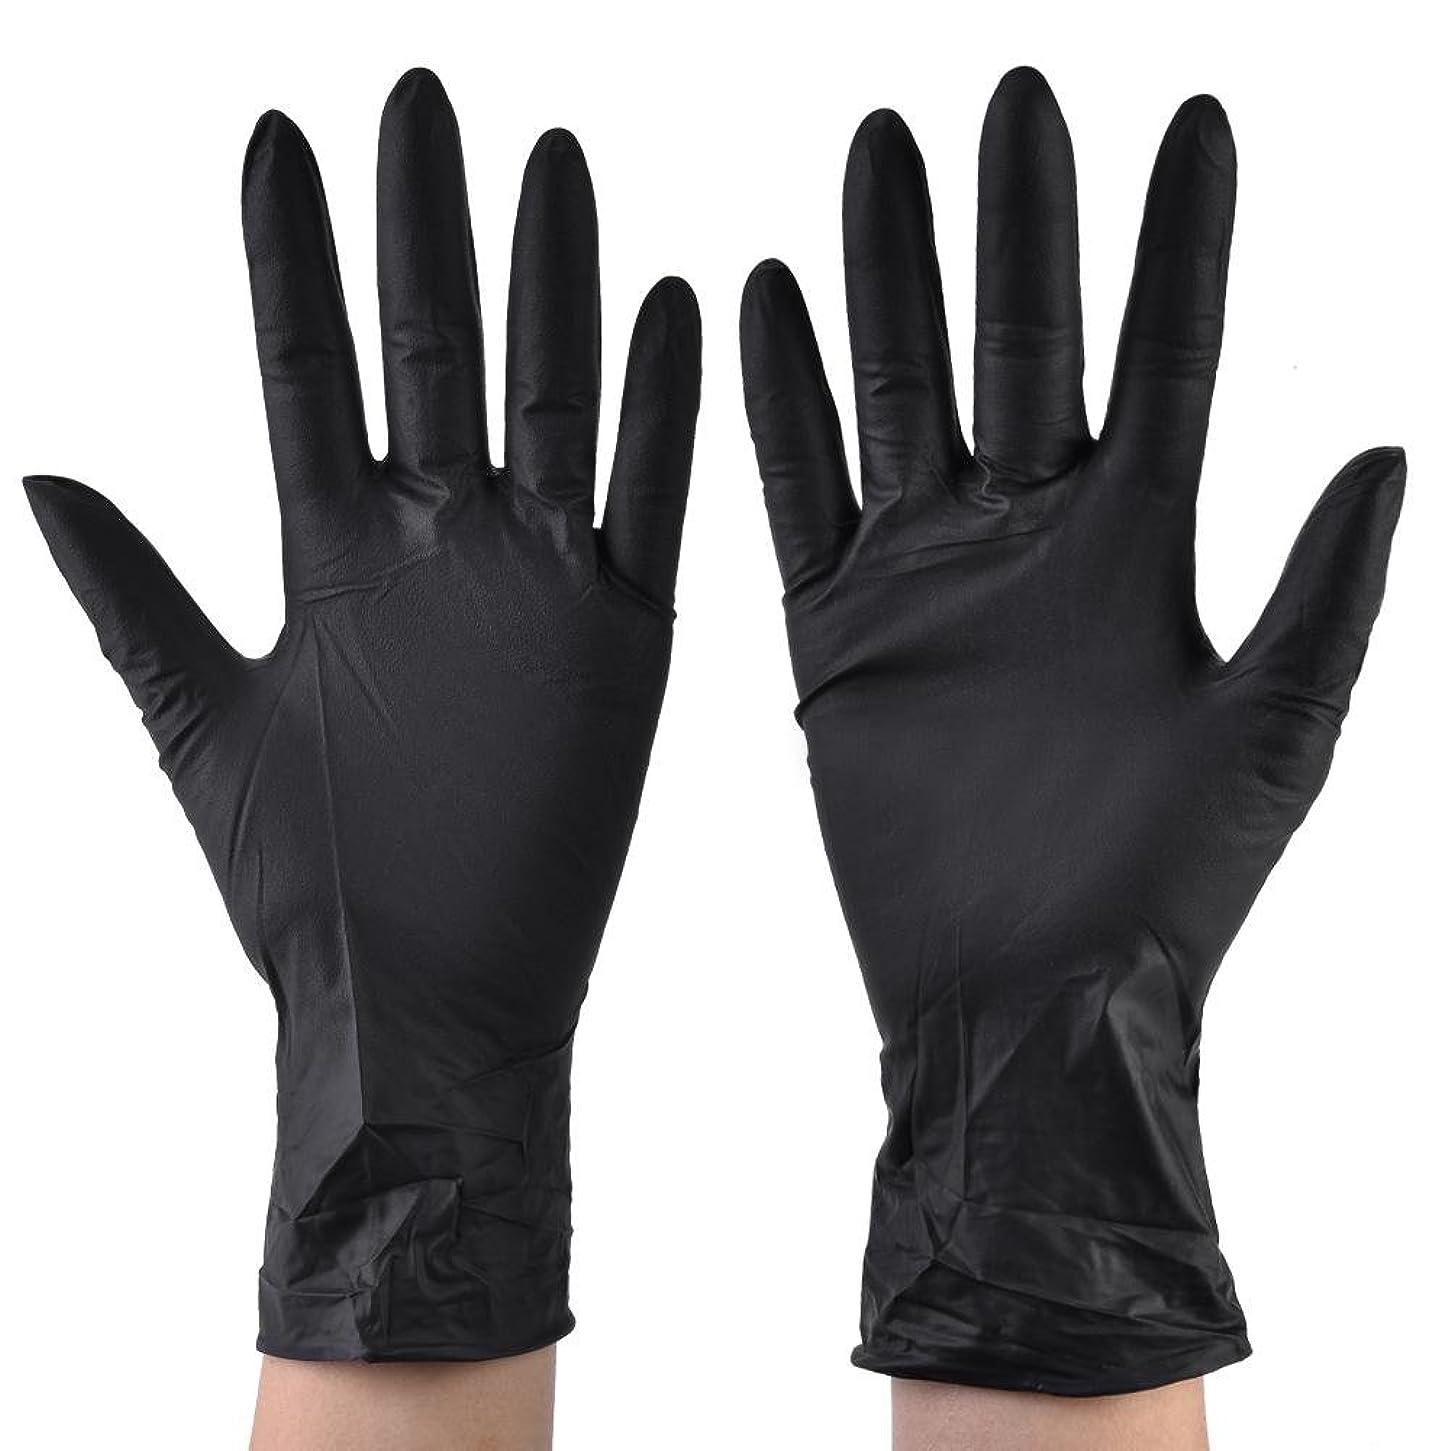 文助けて親100pcs使い捨てニトリル手袋医療グレードラテックスフリーパウダーフリーブラックラージミディアムスモールインダストリアル、医療、美容、健康(L)